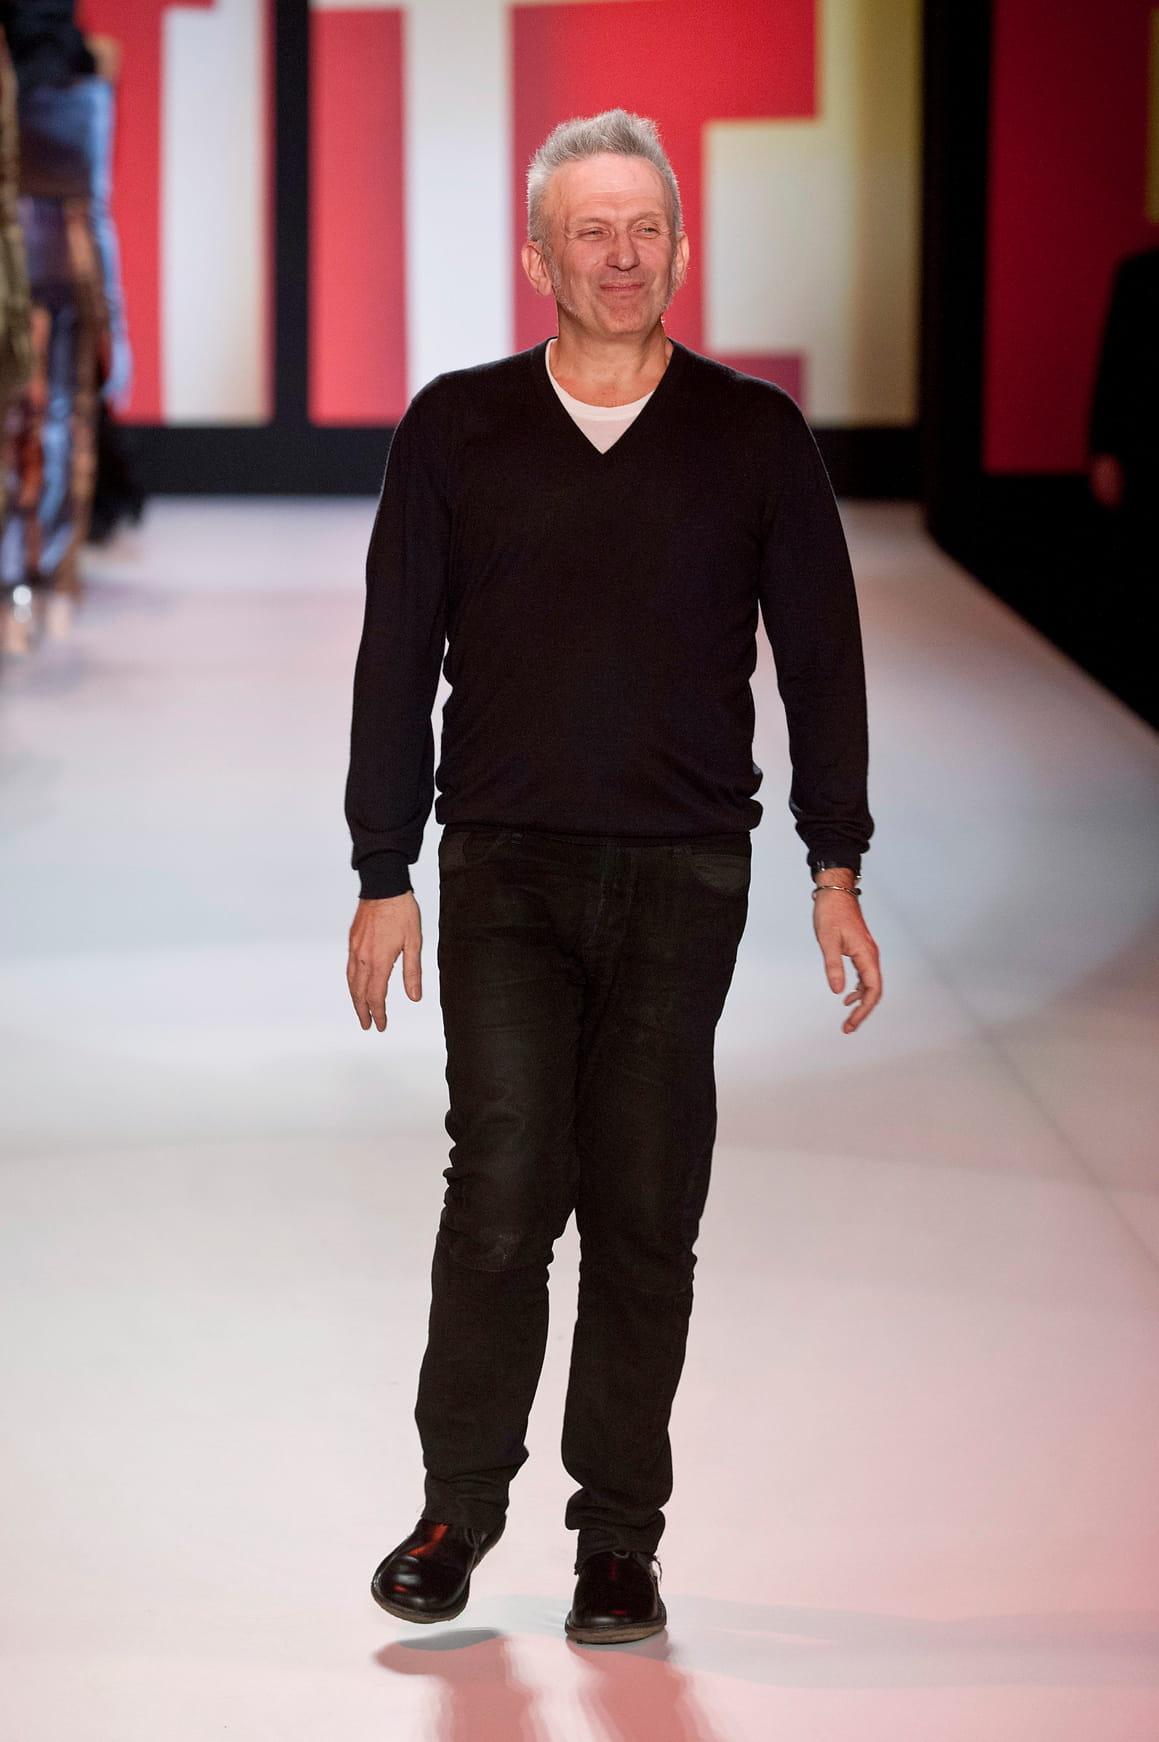 Jean paul gaultier et le pr t porter c 39 est termin journal des femmes - Jean paul gaultier pret a porter ...